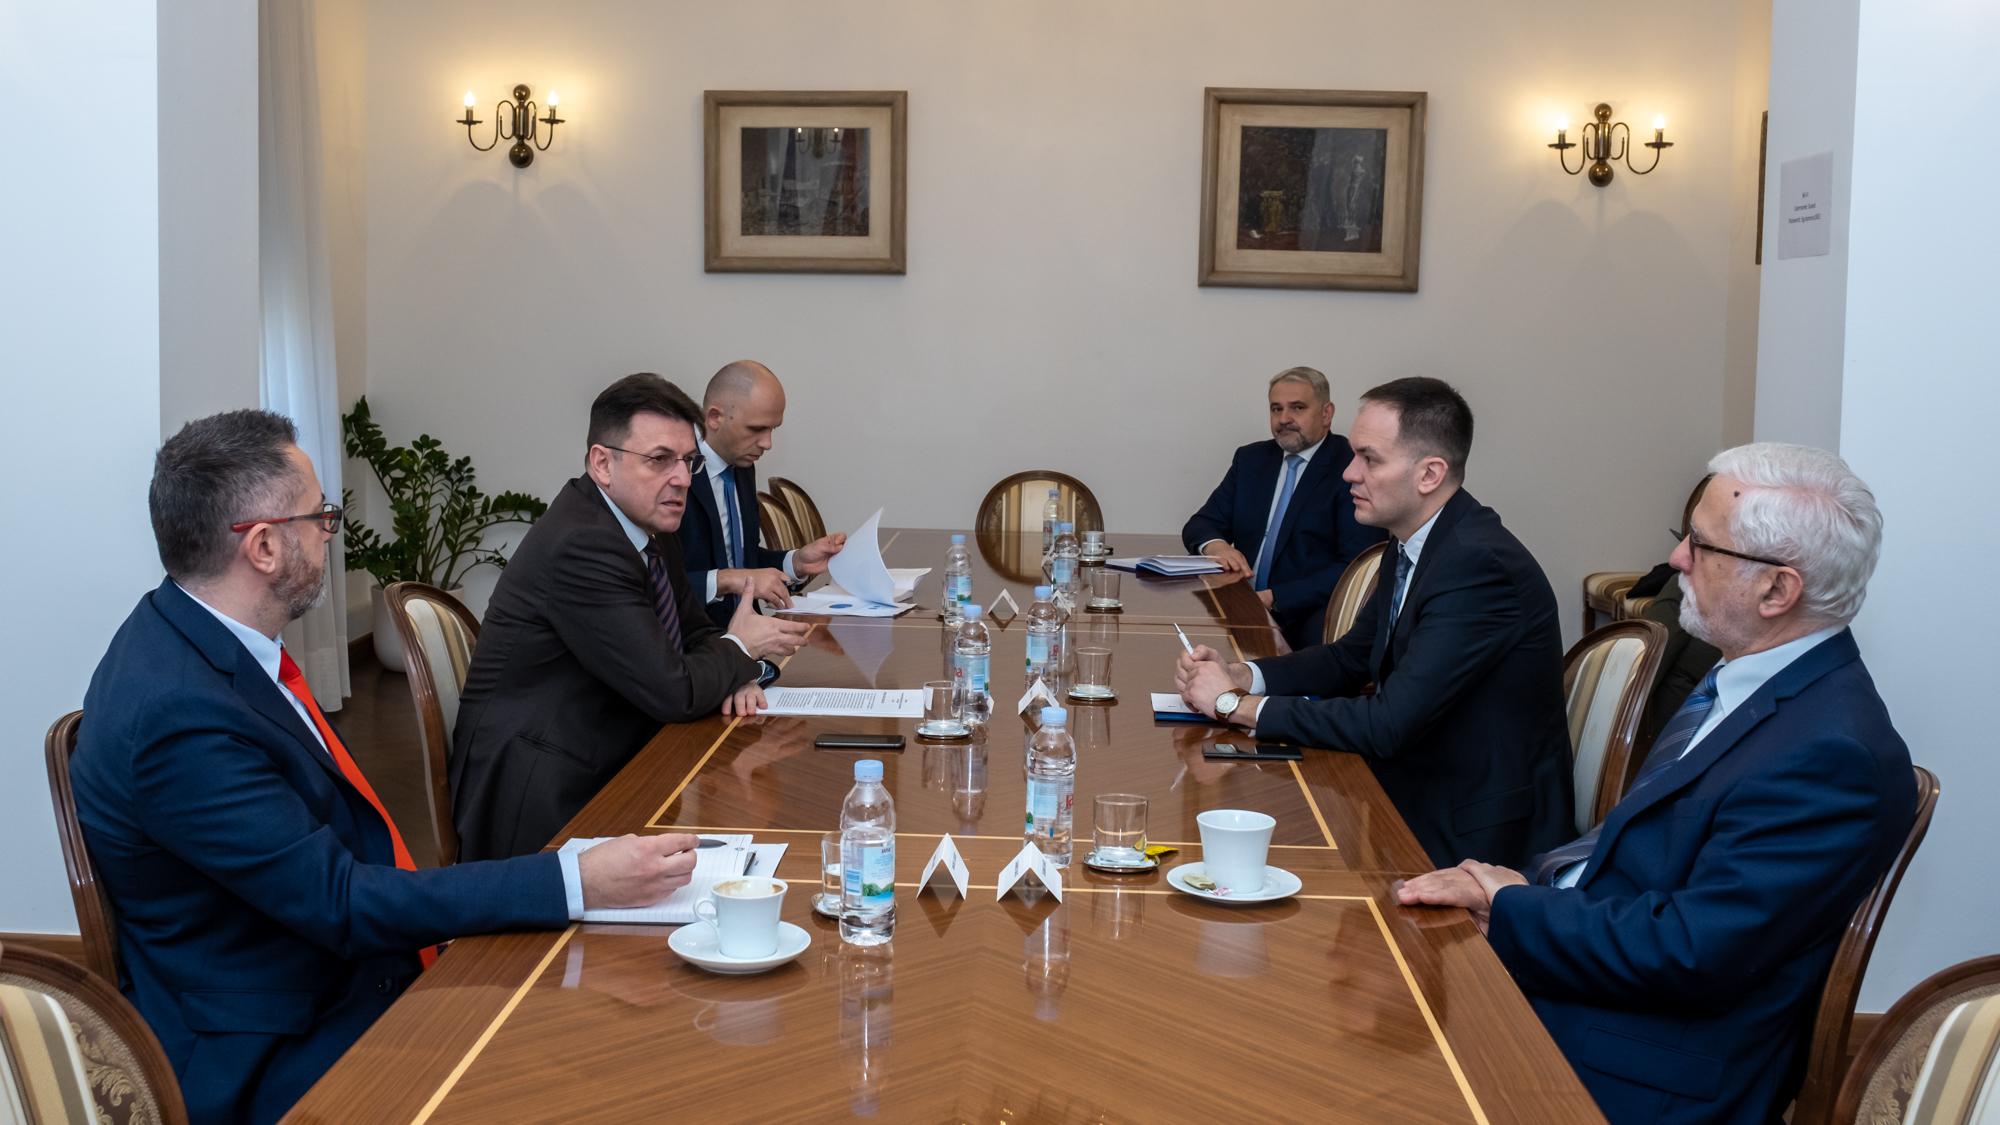 Marko Jurčić, Luka Burilović, Davor Majetić, Dinko Lucić i Darinko Bago